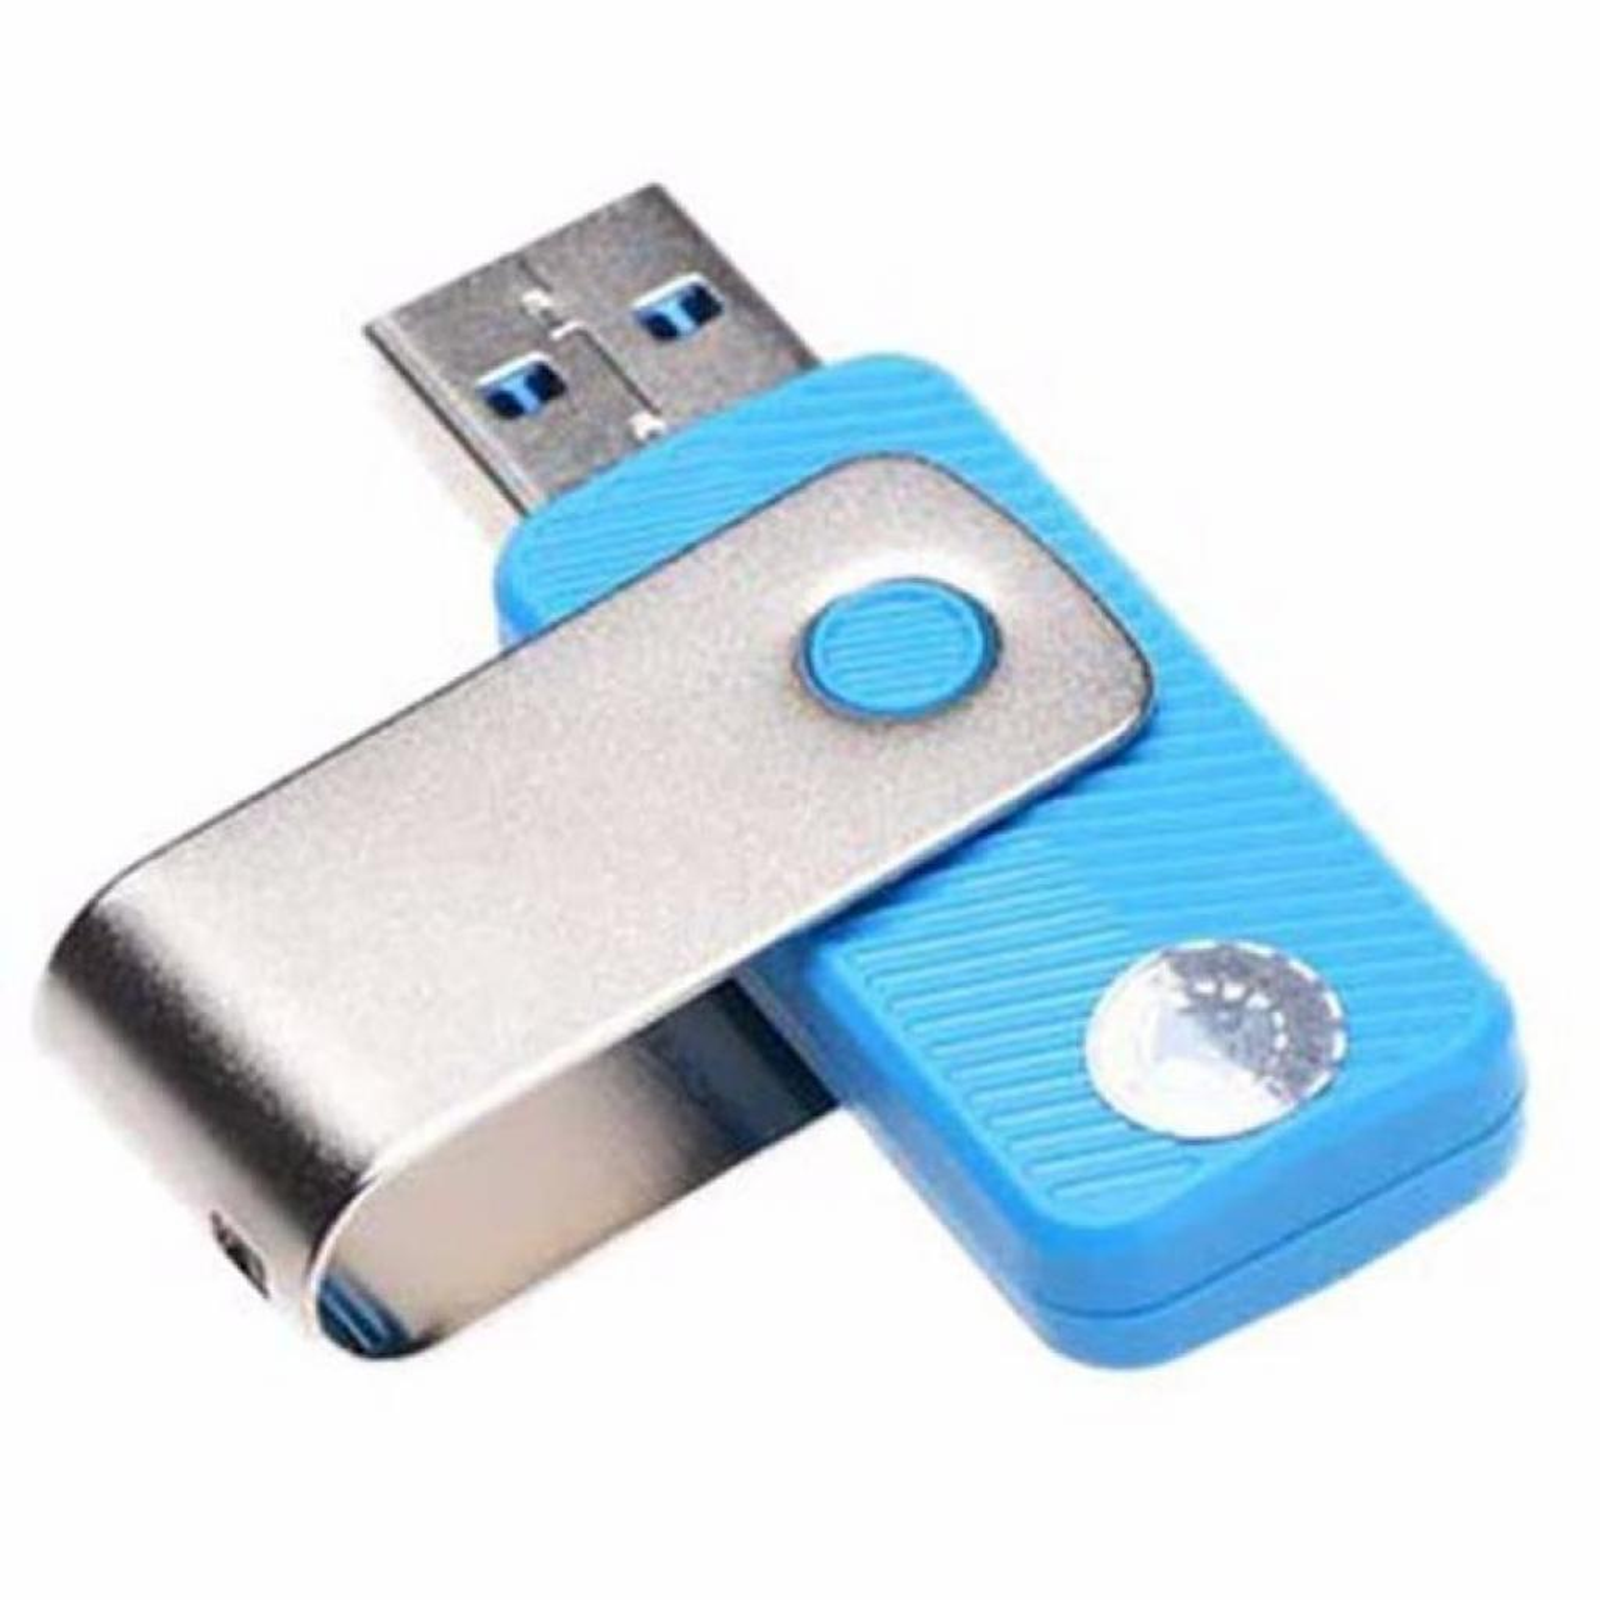 USB флеш накопитель Team 16GB C143 Blue USB 3.0 (TC143316GL01) изображение 2